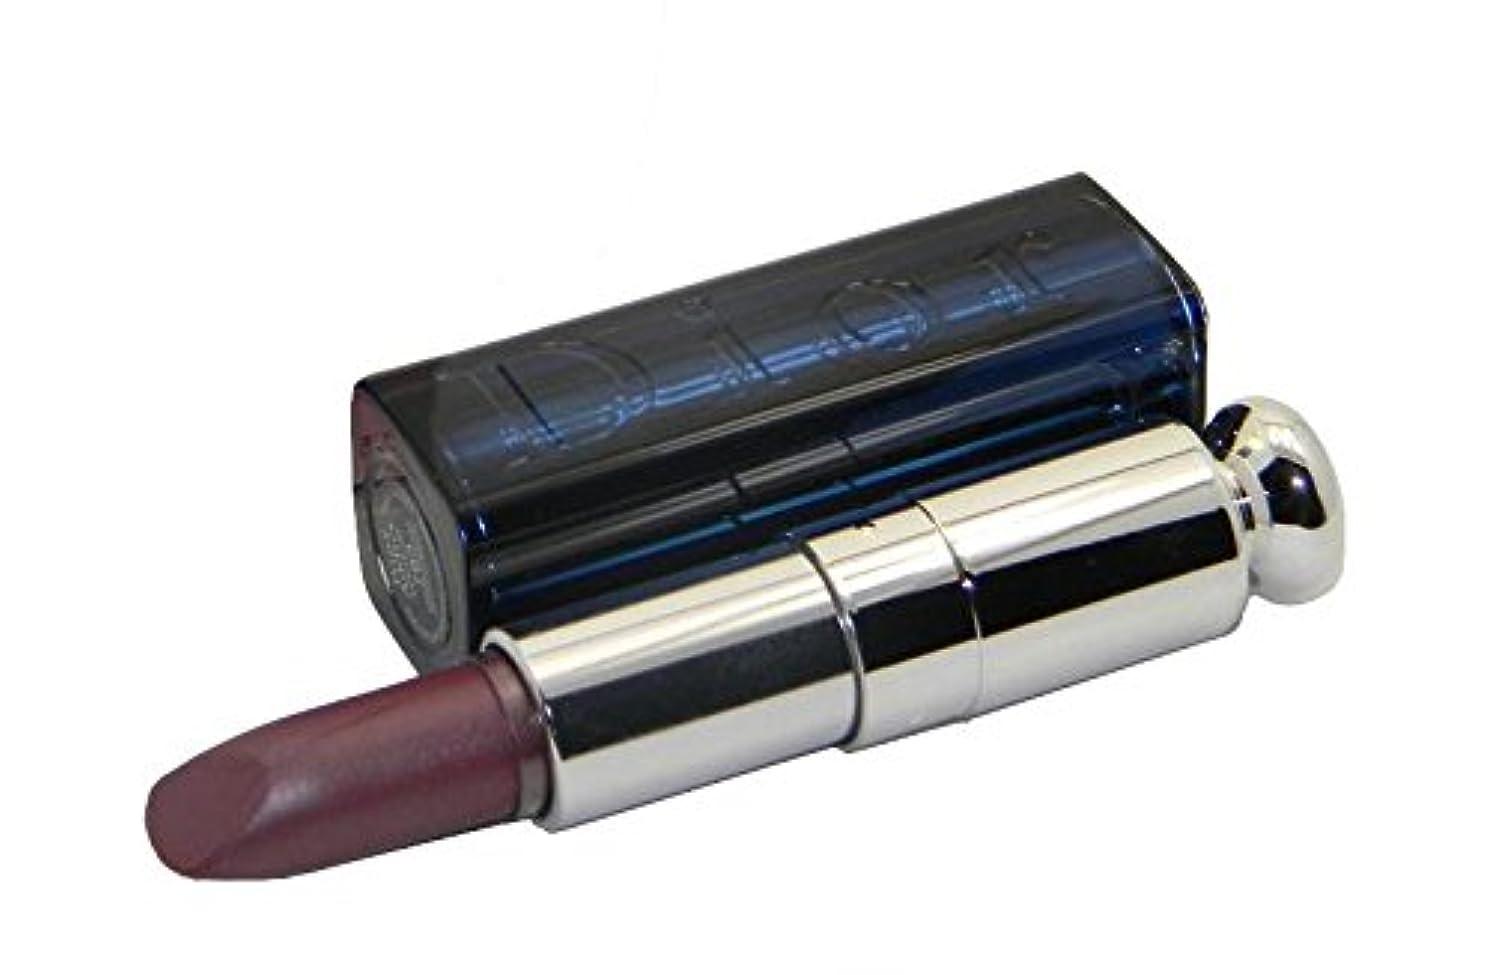 出発する量で免除するDior Addict High Impact Weightless Lipcolor 783 Opulent Mauve(ディオール アディクト ハイインパクト ウエイトレス リップカラー リップスティック 783 オピュレントモーヴ) [並行輸入品]